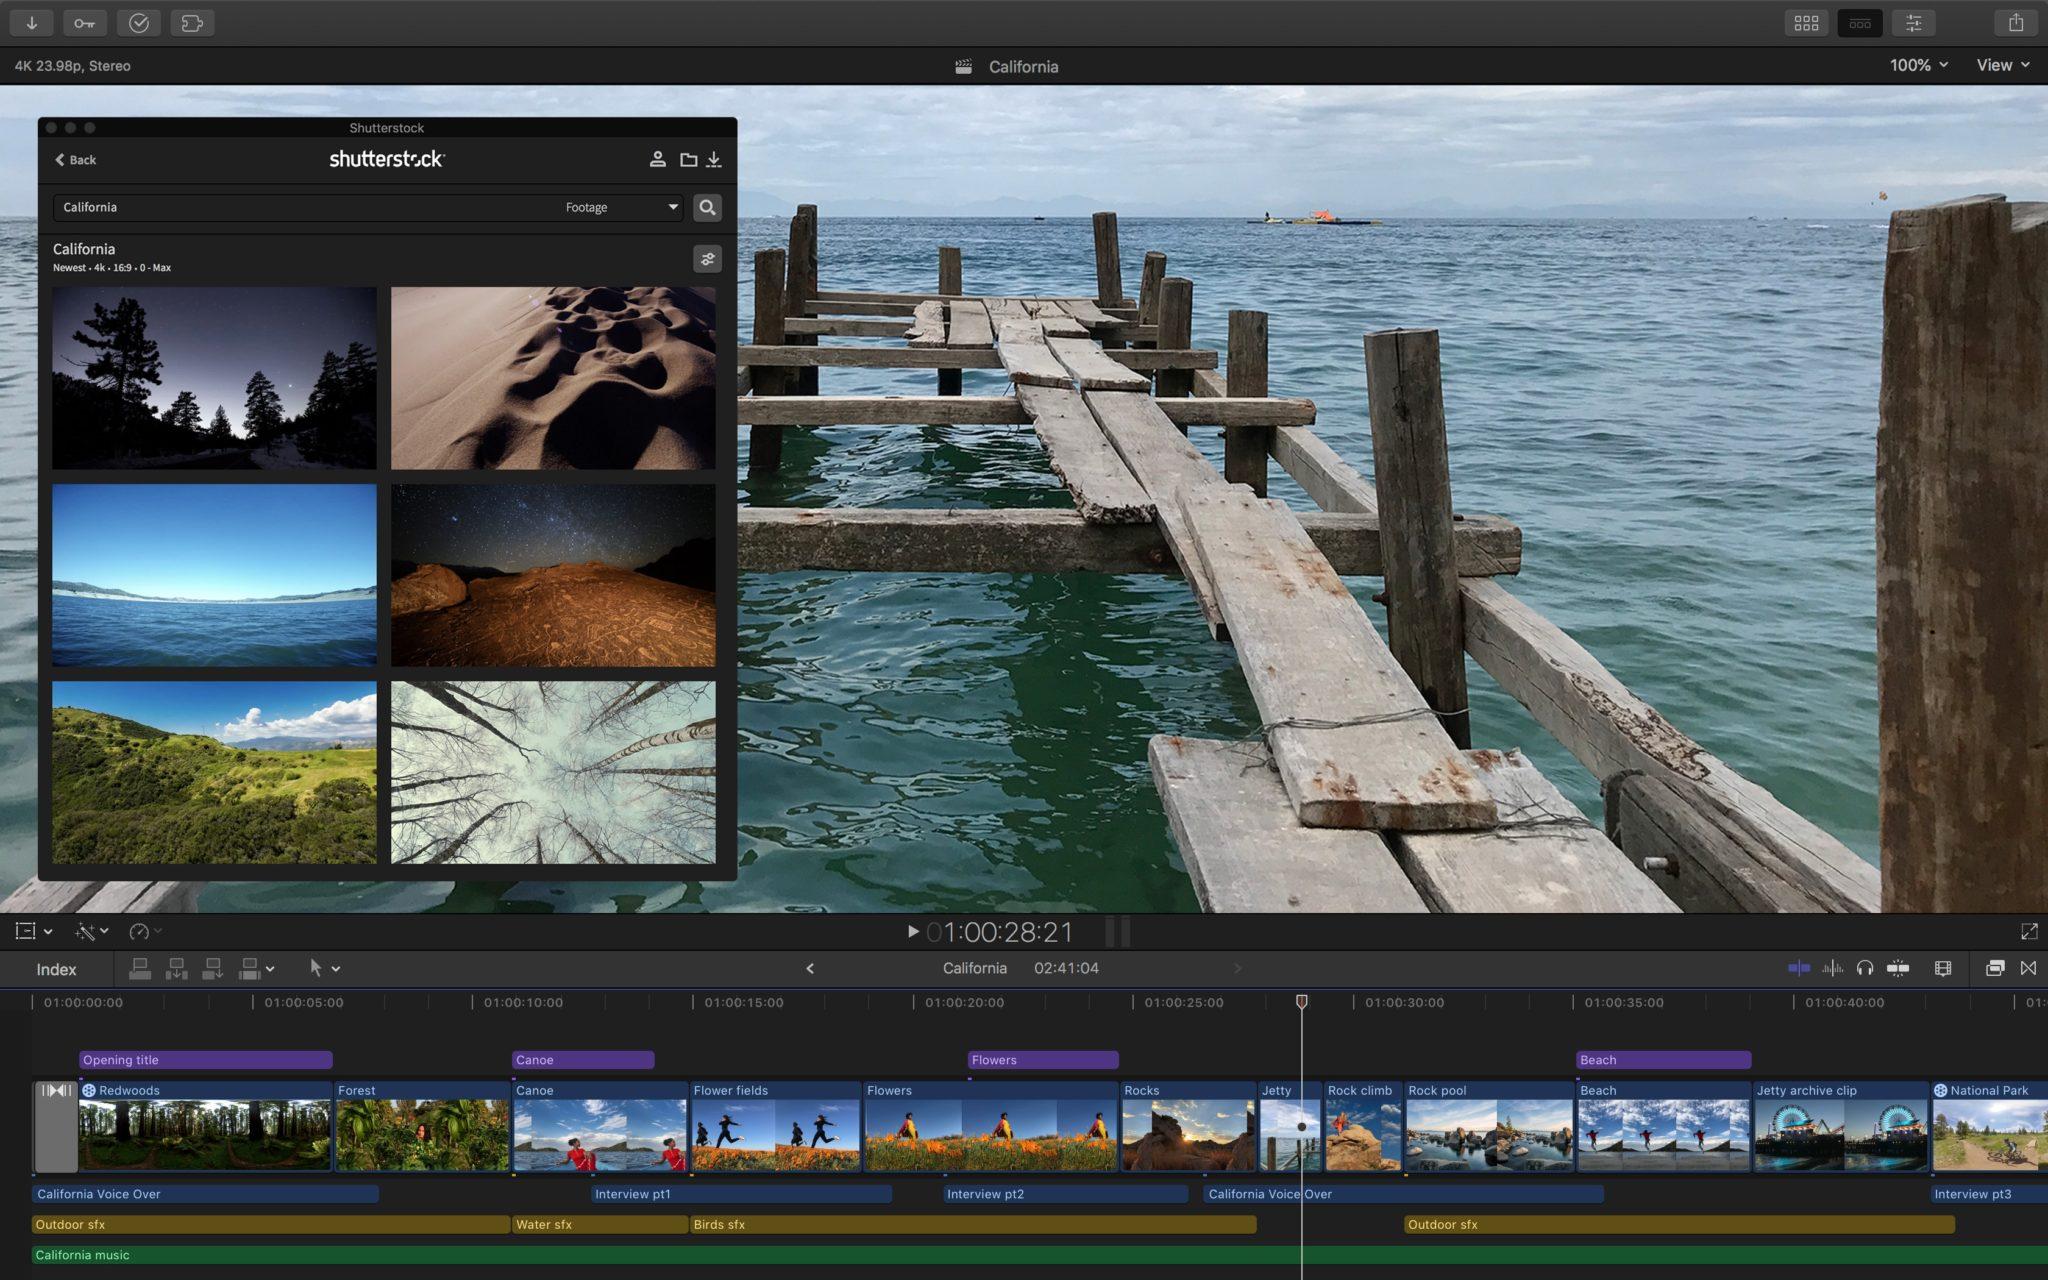 Final Cut Pro X workflow extensions shutterstock 11152018 - Final Cut Pro X prináša podporu pre rozšírenia tretích strán